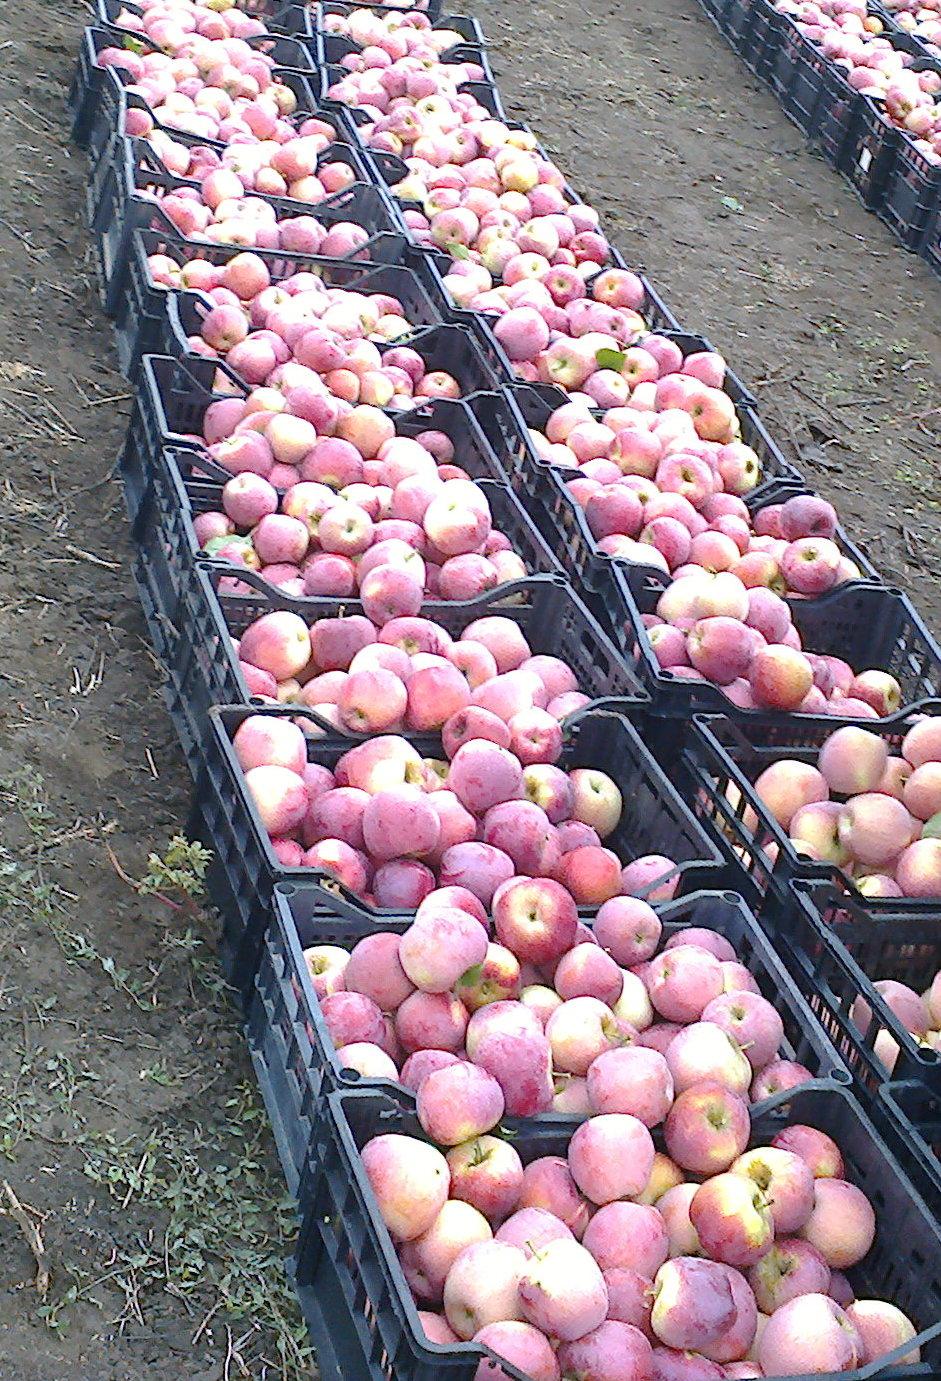 Producatorii de mere isi striga disperarea: Nimeni nu cumpara, nu avem nici macar oferta de pret!